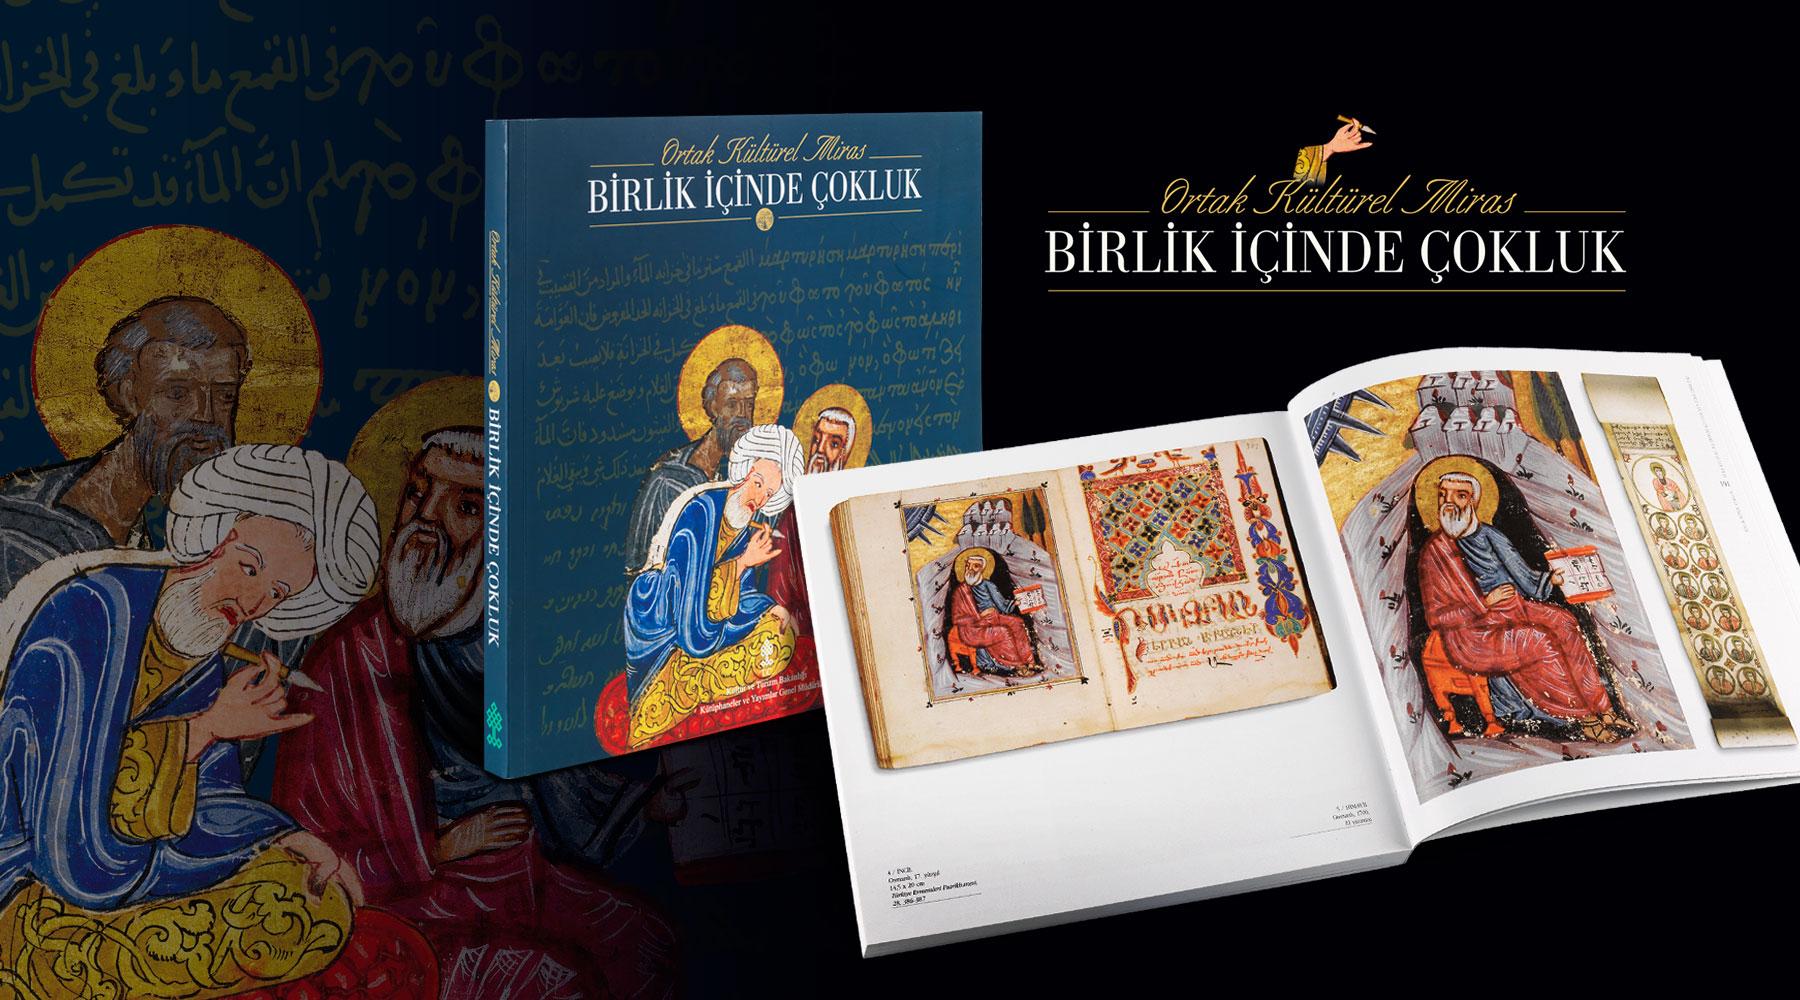 """Ortak Kültürel Miras """"Birlik İçinde Çokluk"""" Kitabı Satın Al, ISBN: 975-17-3447-1"""